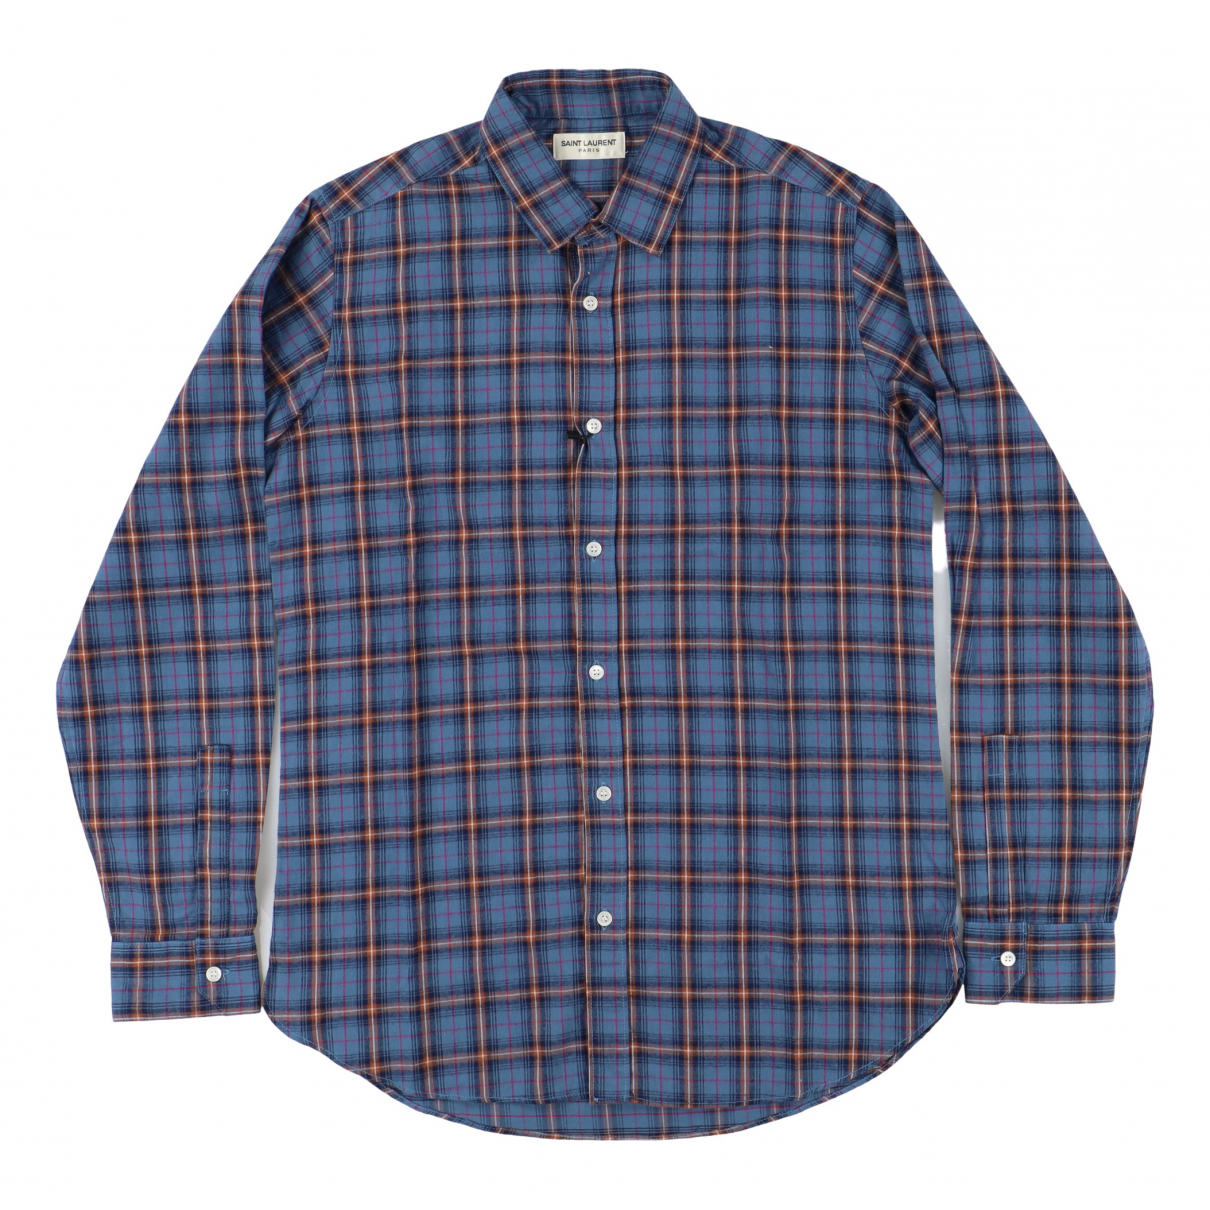 Saint Laurent \N Blue Cotton Shirts for Men 39 EU (tour de cou / collar)